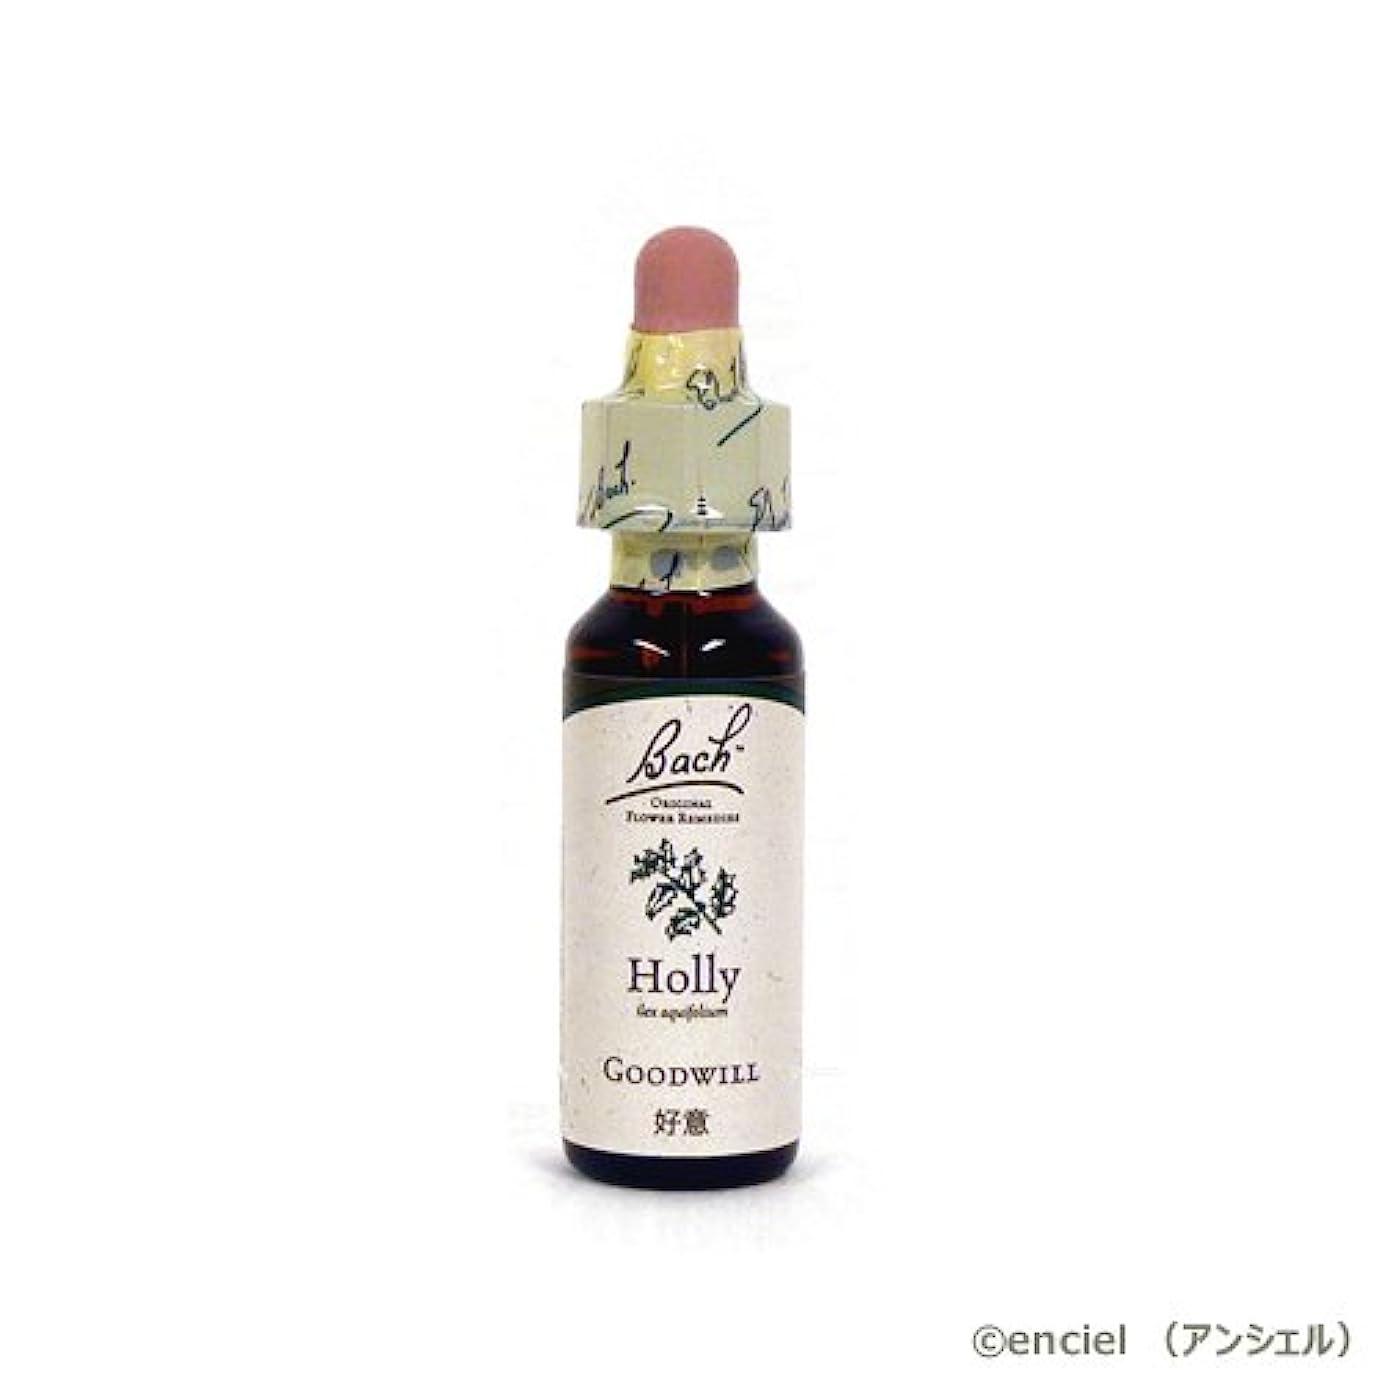 ビール分類文言バッチフラワー レメディ ホリー 10ml グリセリンタイプ 日本国内正規品